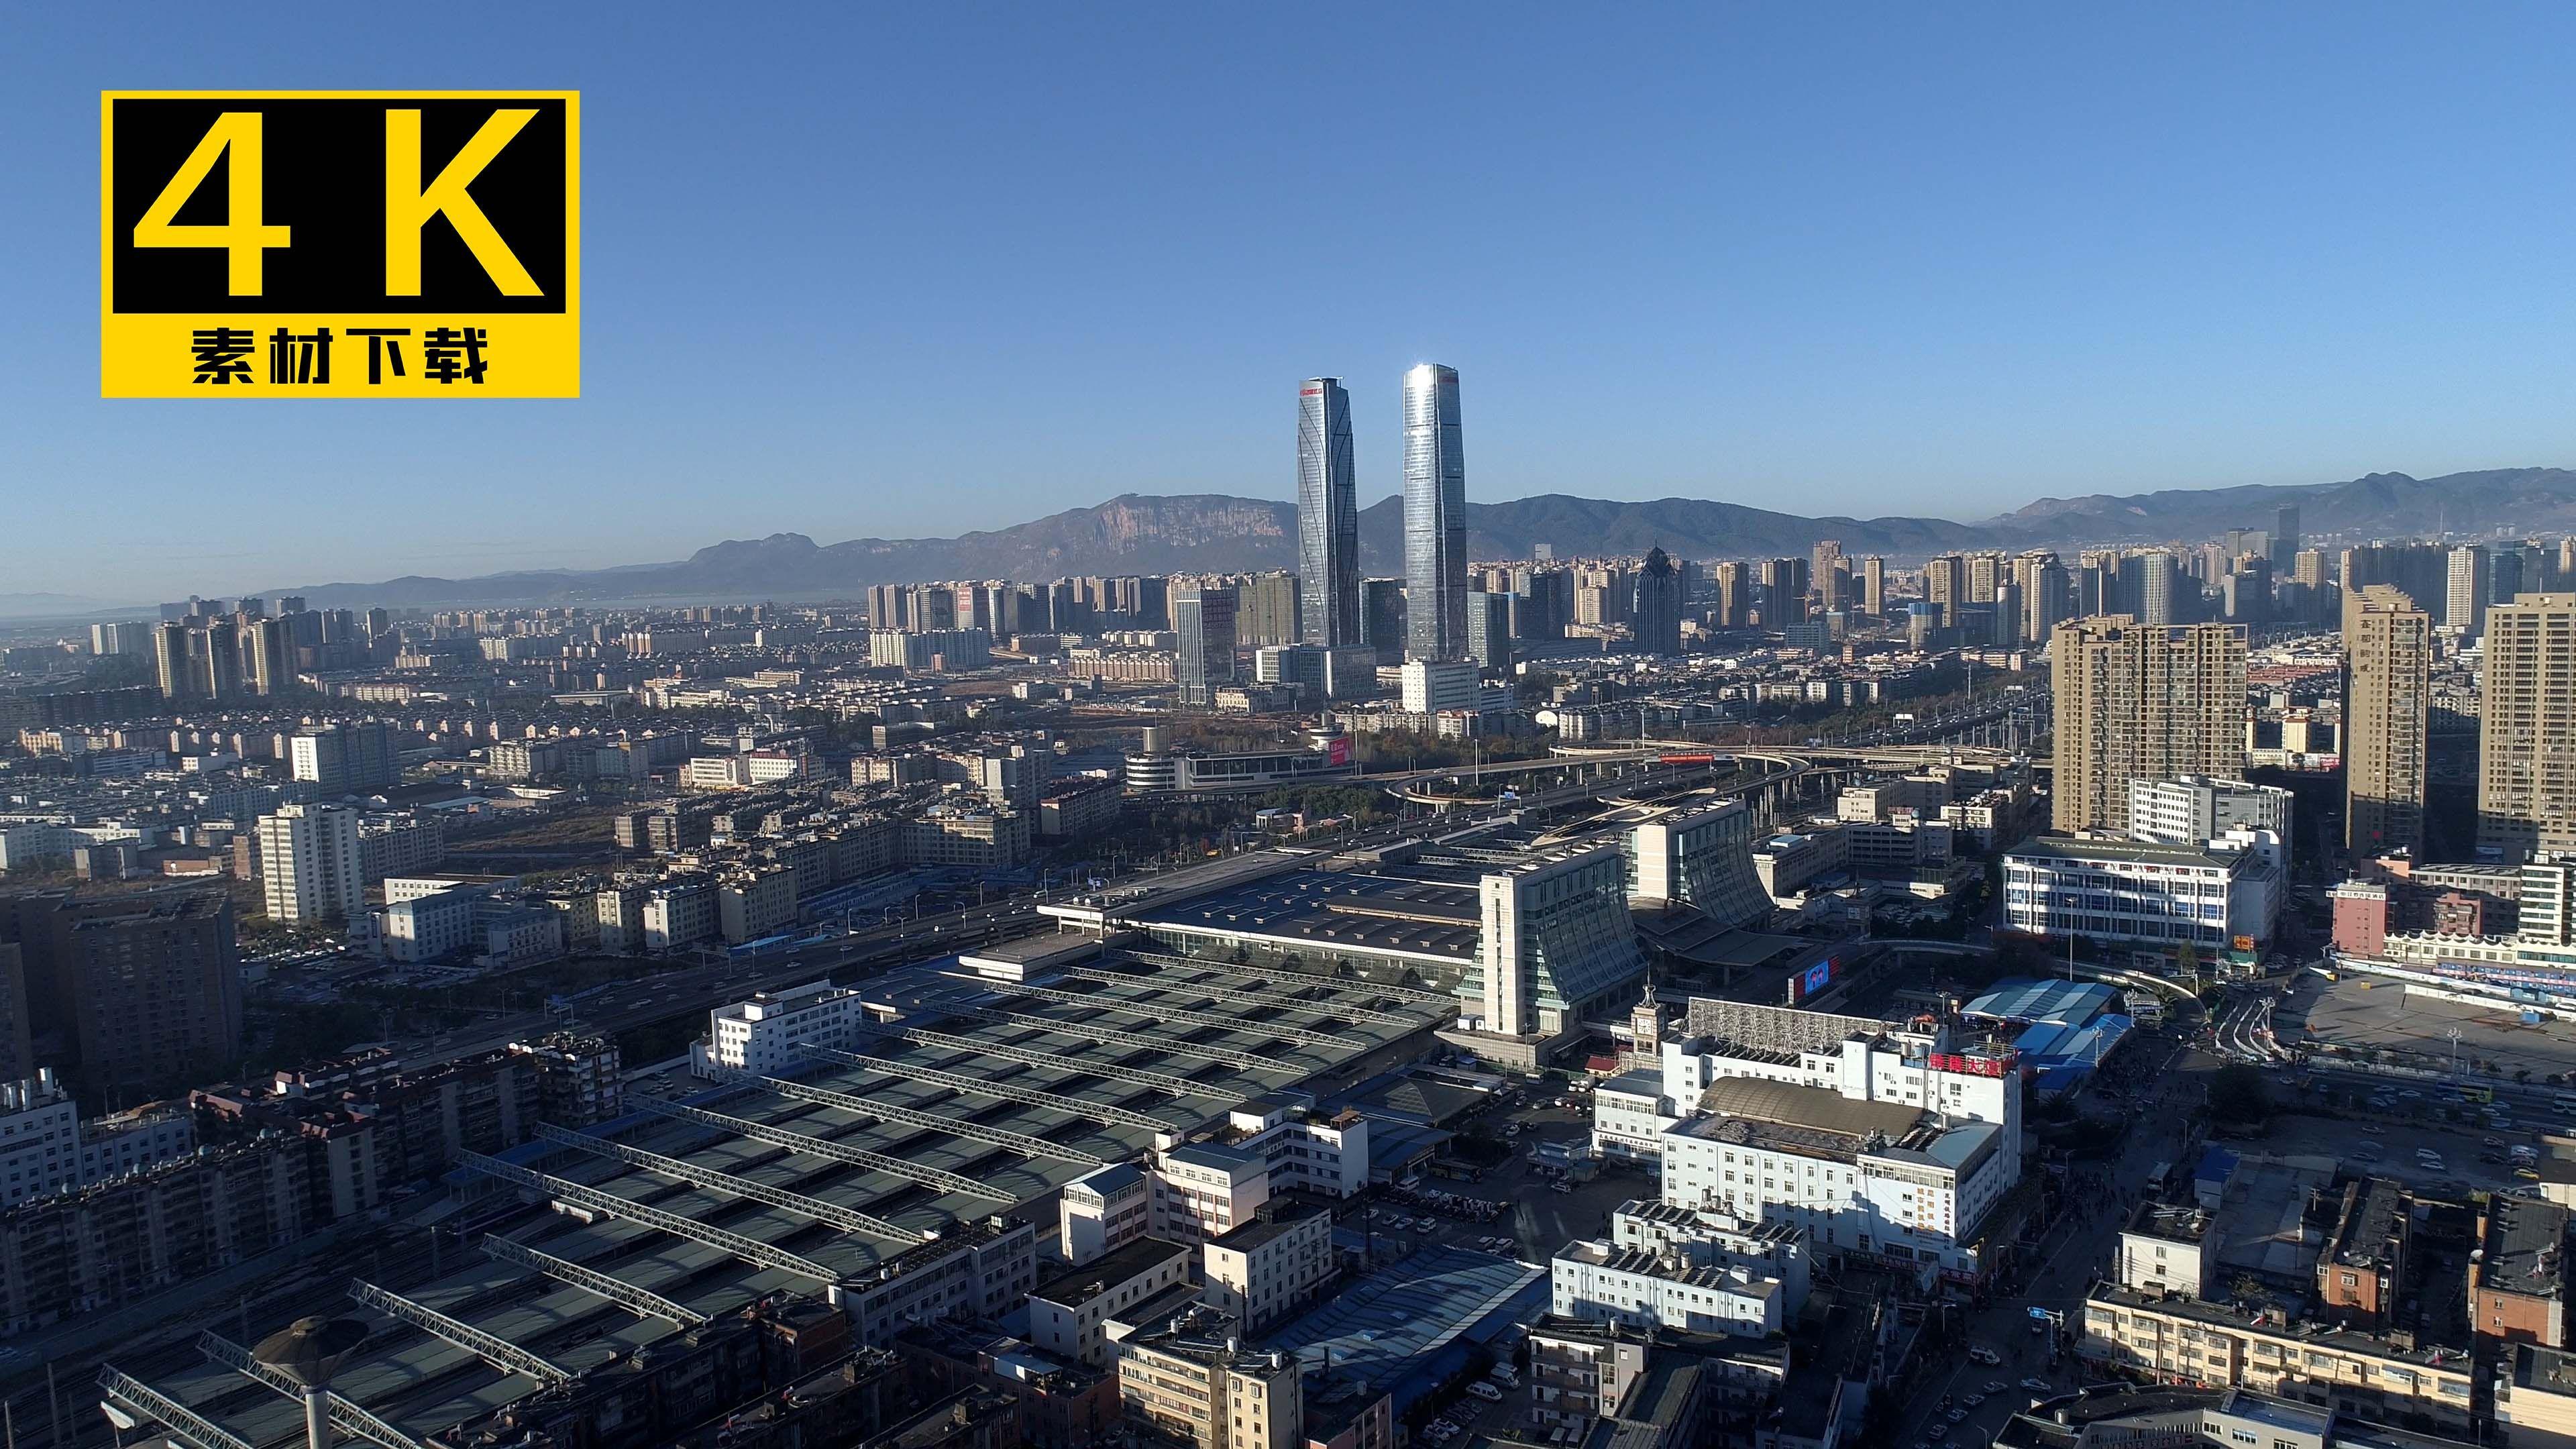 4K昆明高清v高清_3840X2160_视频视频城市下素材。牛图片